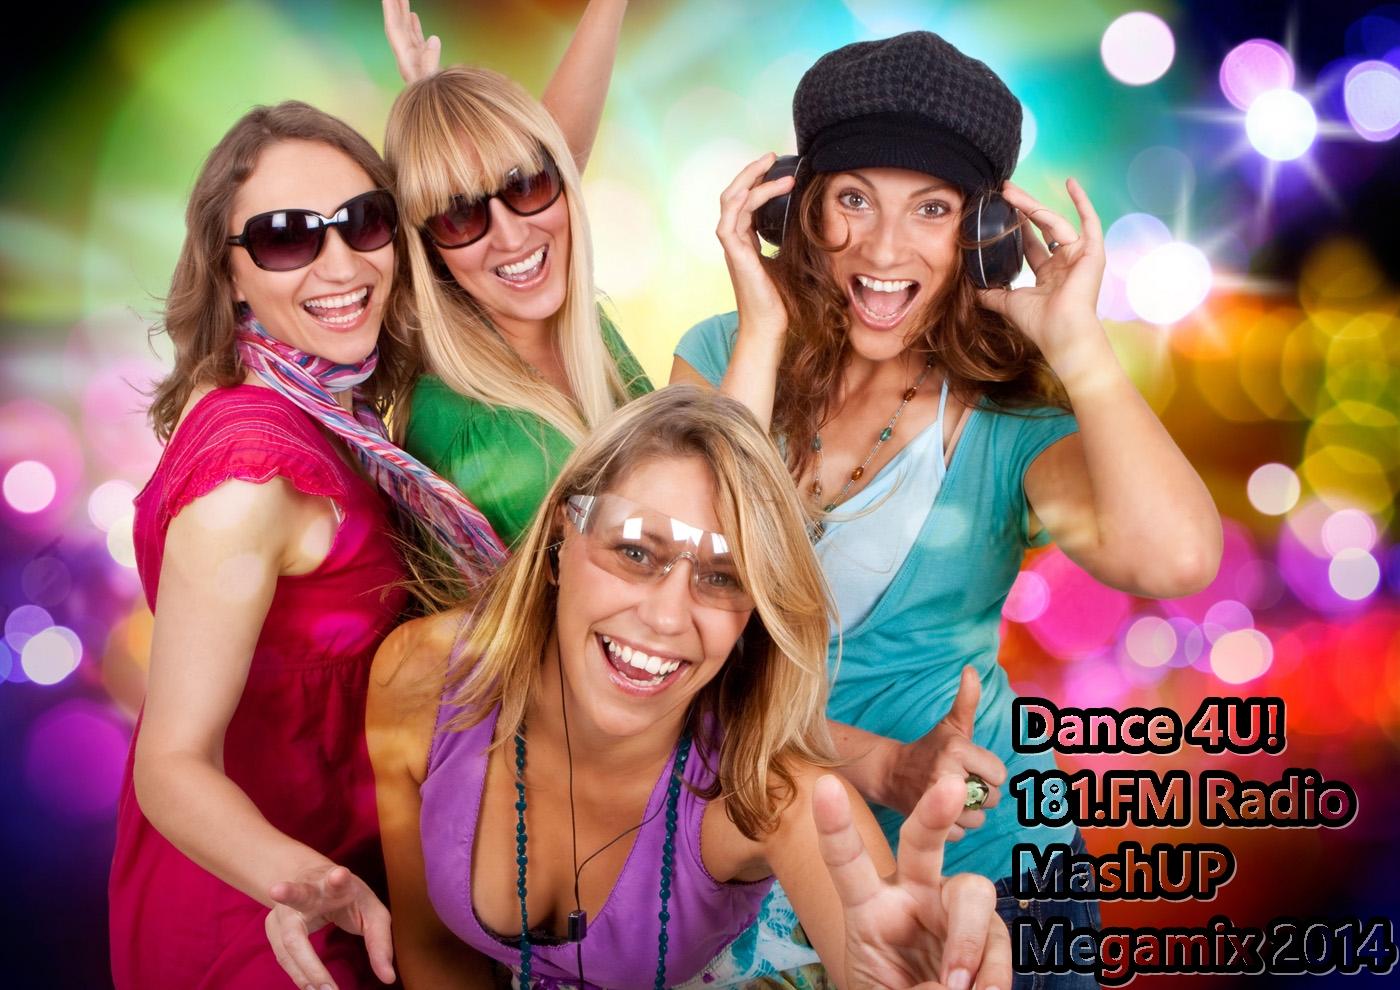 Смотреть конкурс на дискотеке 8 фотография